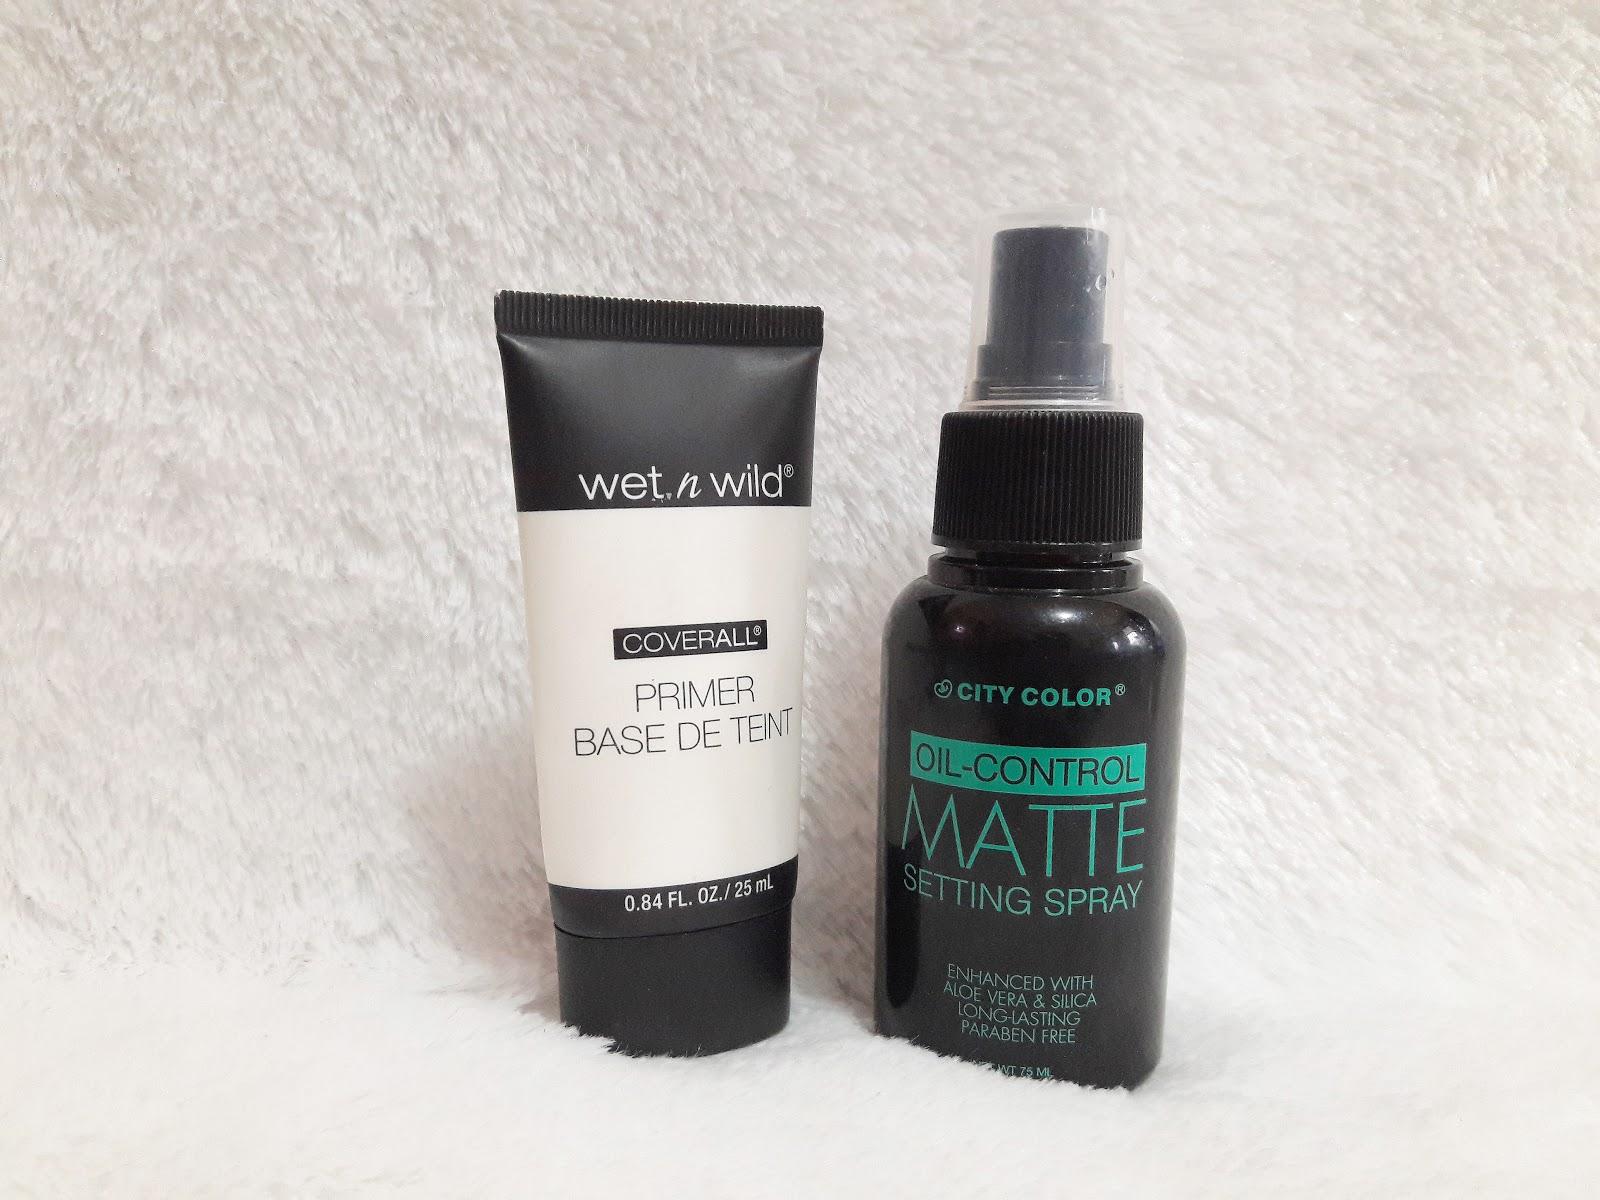 City Color Primer Spray Base Makeup Daftar Harga Terkini Holo Oil Mungkin Itu Cuma Buat Orang Yang Punya Kulit Oily Atau Normal Kaya